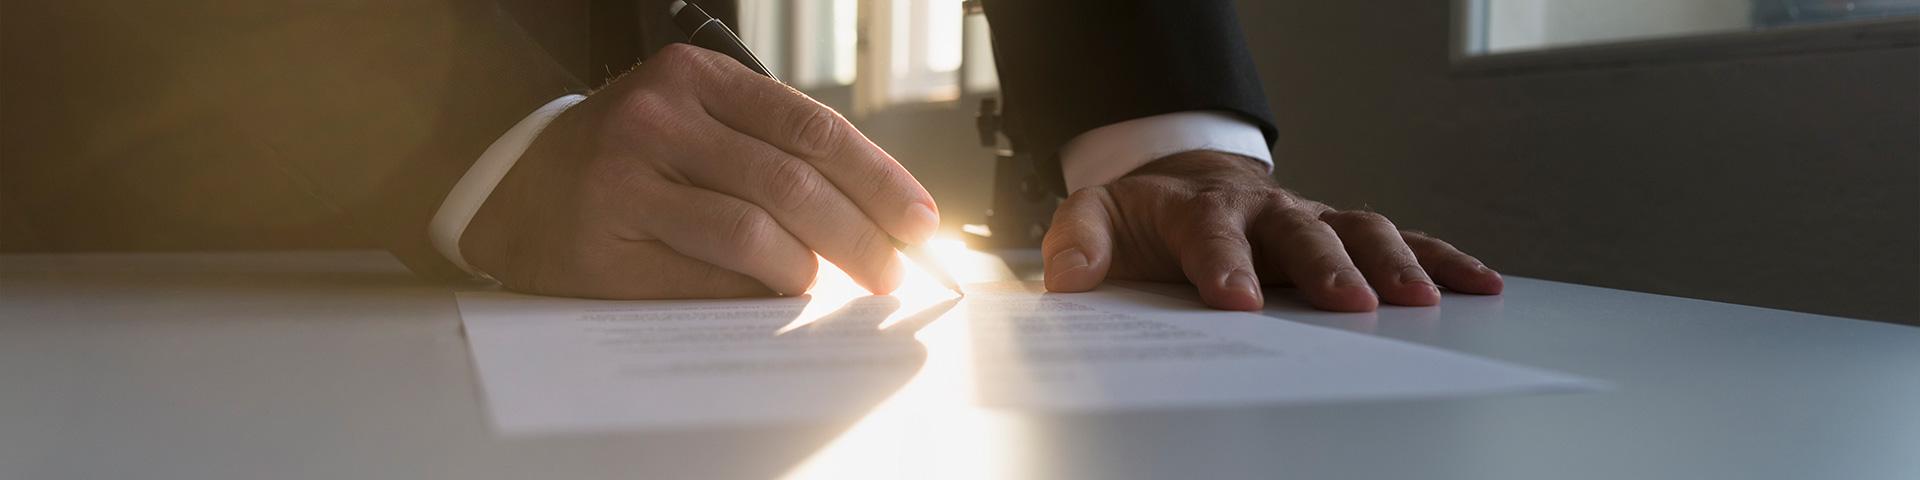 بنر شرایط گرانتی شرکت امیران استیل تصویر یک دست با مداد در حال امضای قرارداد و پذیرفتن شرایط عکس استفاده شده در سایت فروشگاه اینترنتی لوازم خانگی امیر استیل